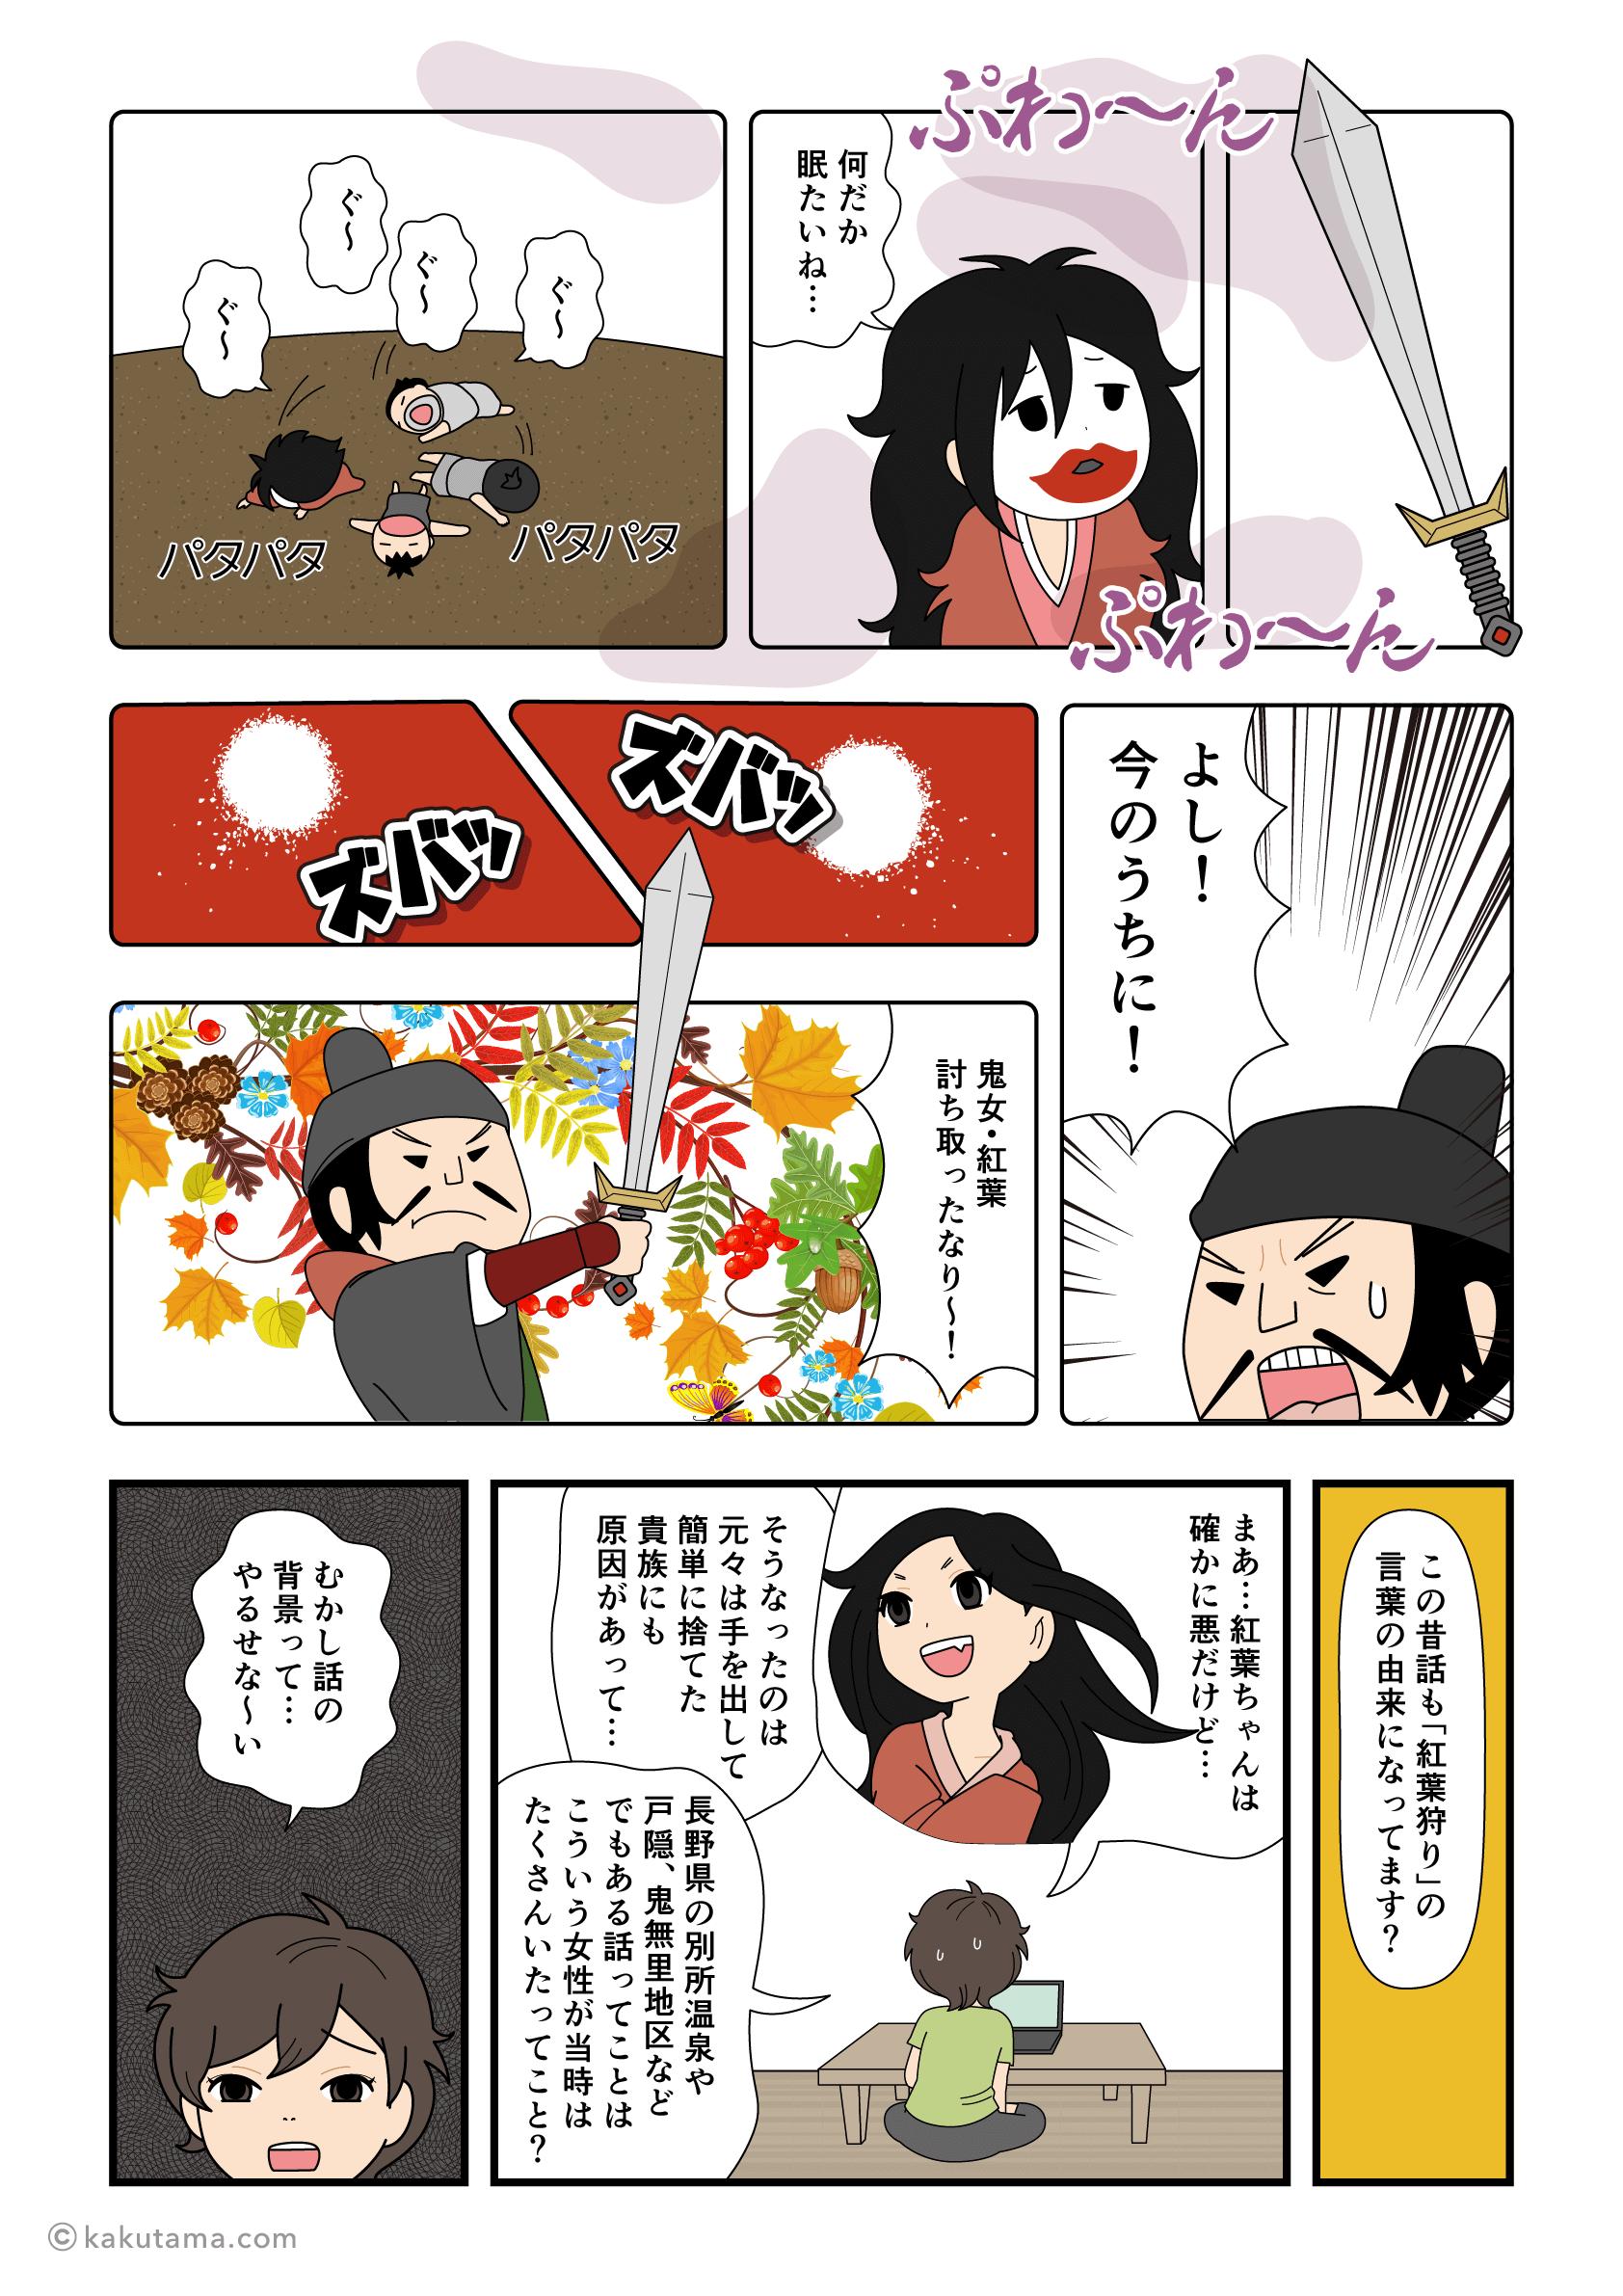 紅葉狩りの由来にまつわる漫画2